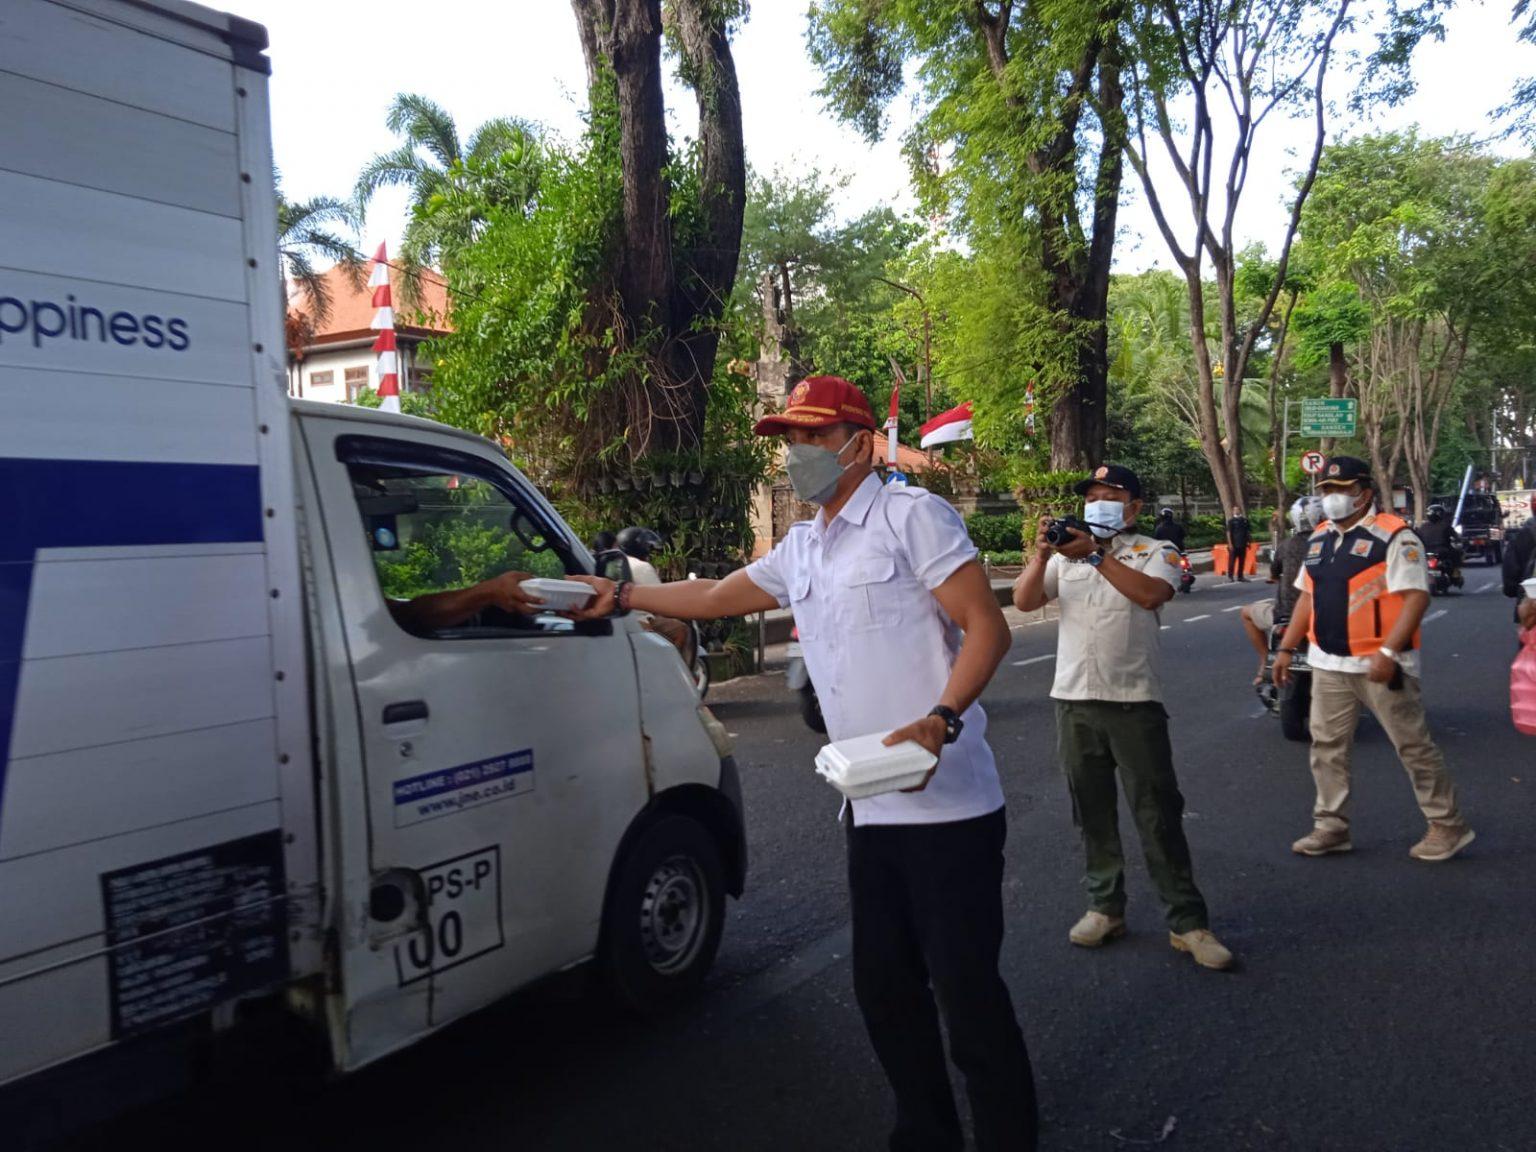 Kasatpol PP Provinsi Bali, I Dewa Nyoman Rai Dharmadi, SH.,MSI. membagikan bingkisan Berbagi Kasih kepada warga.